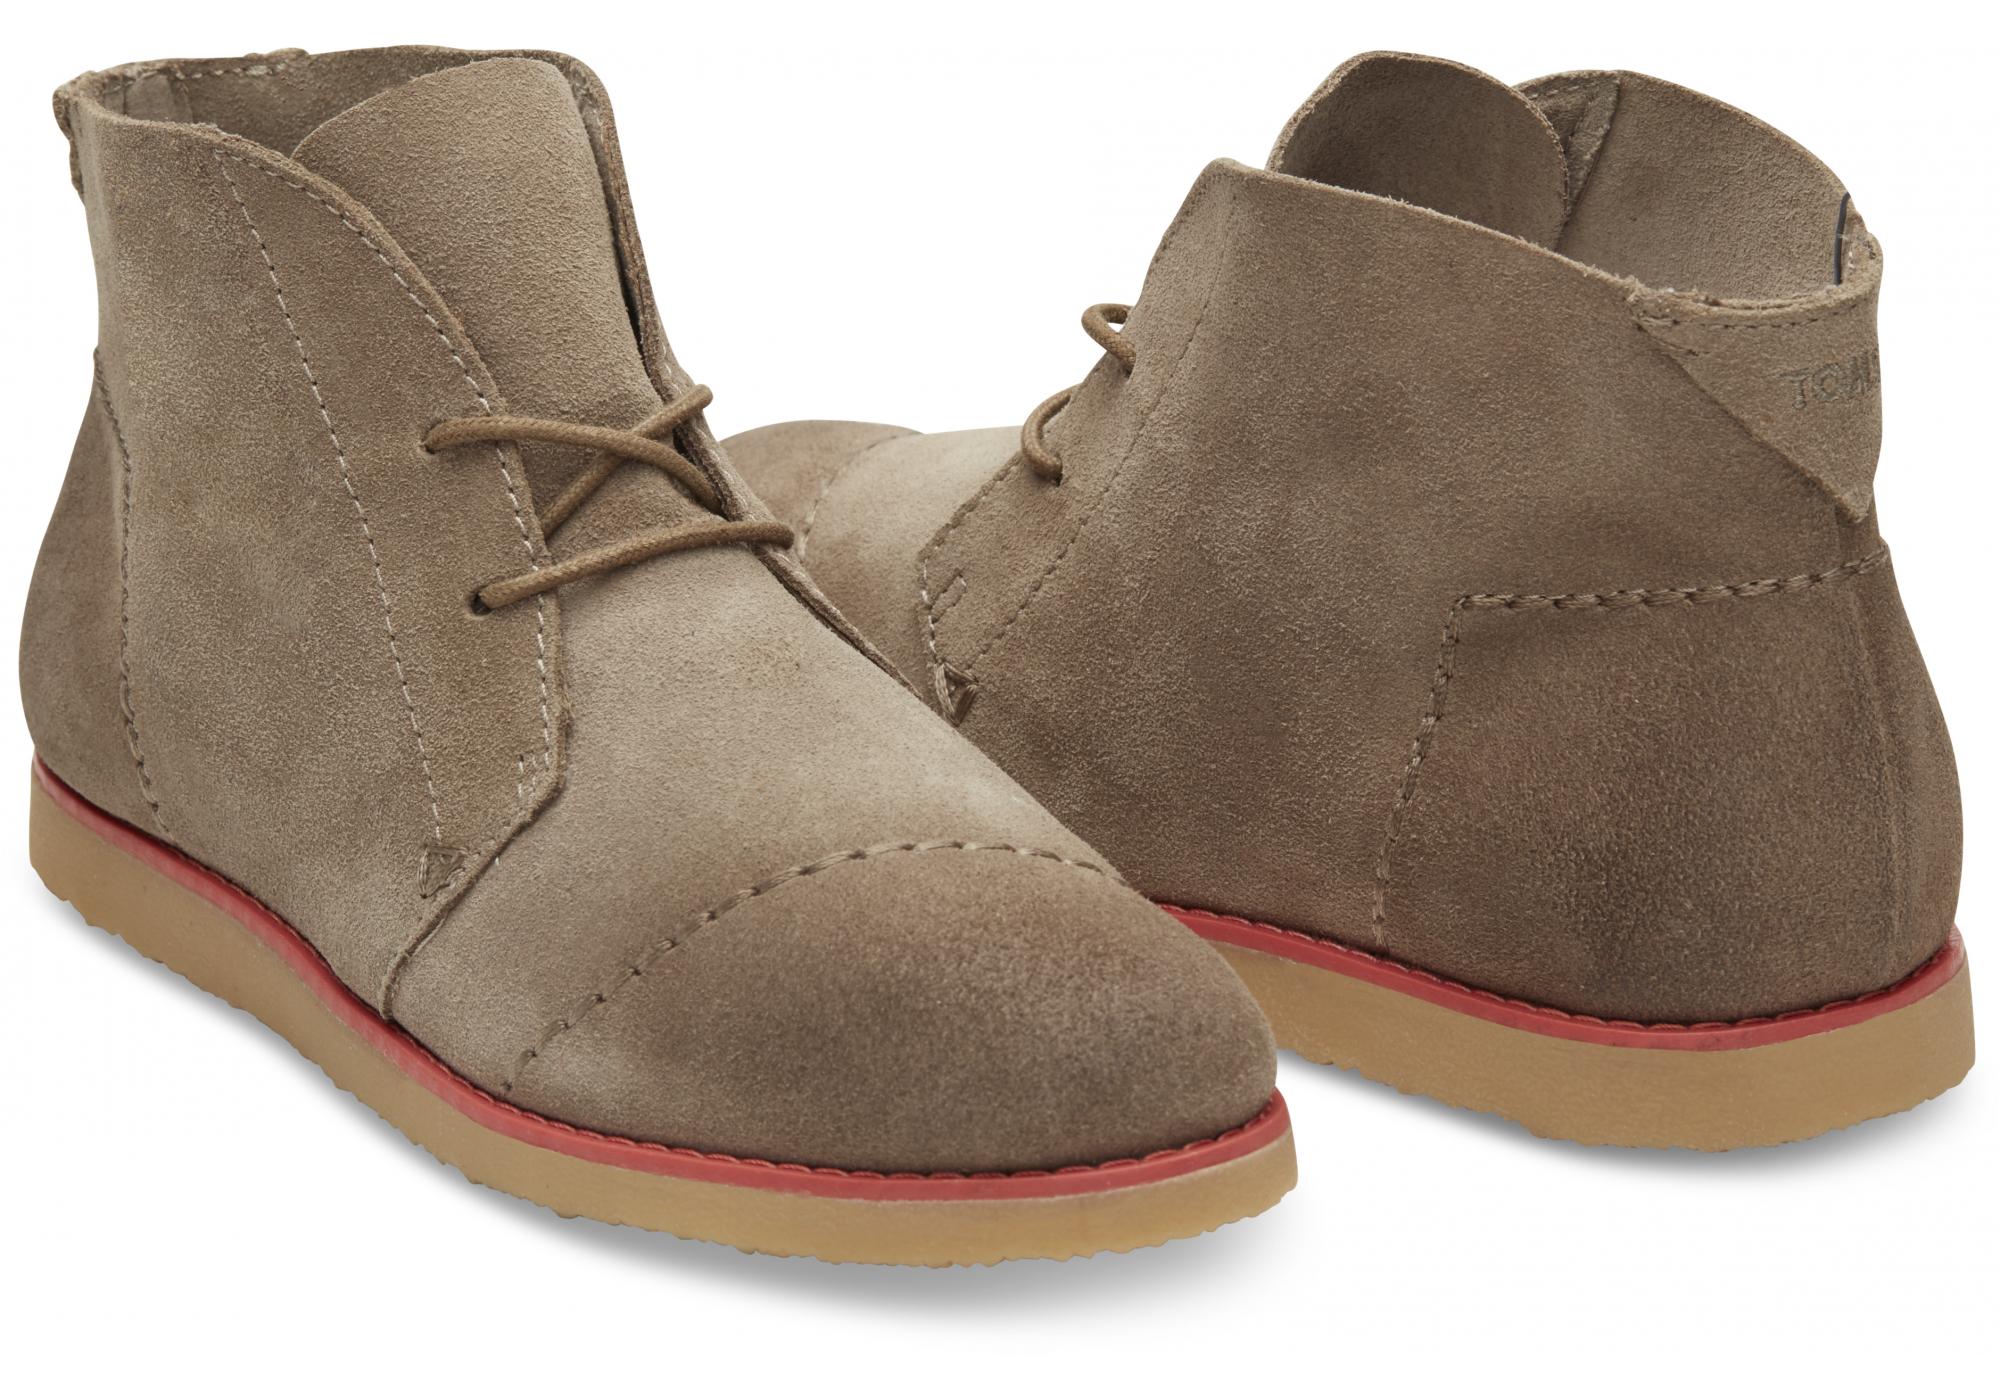 48f1c6450be Hnědé dámské kotníkové boty TOMS Mateo Chukka